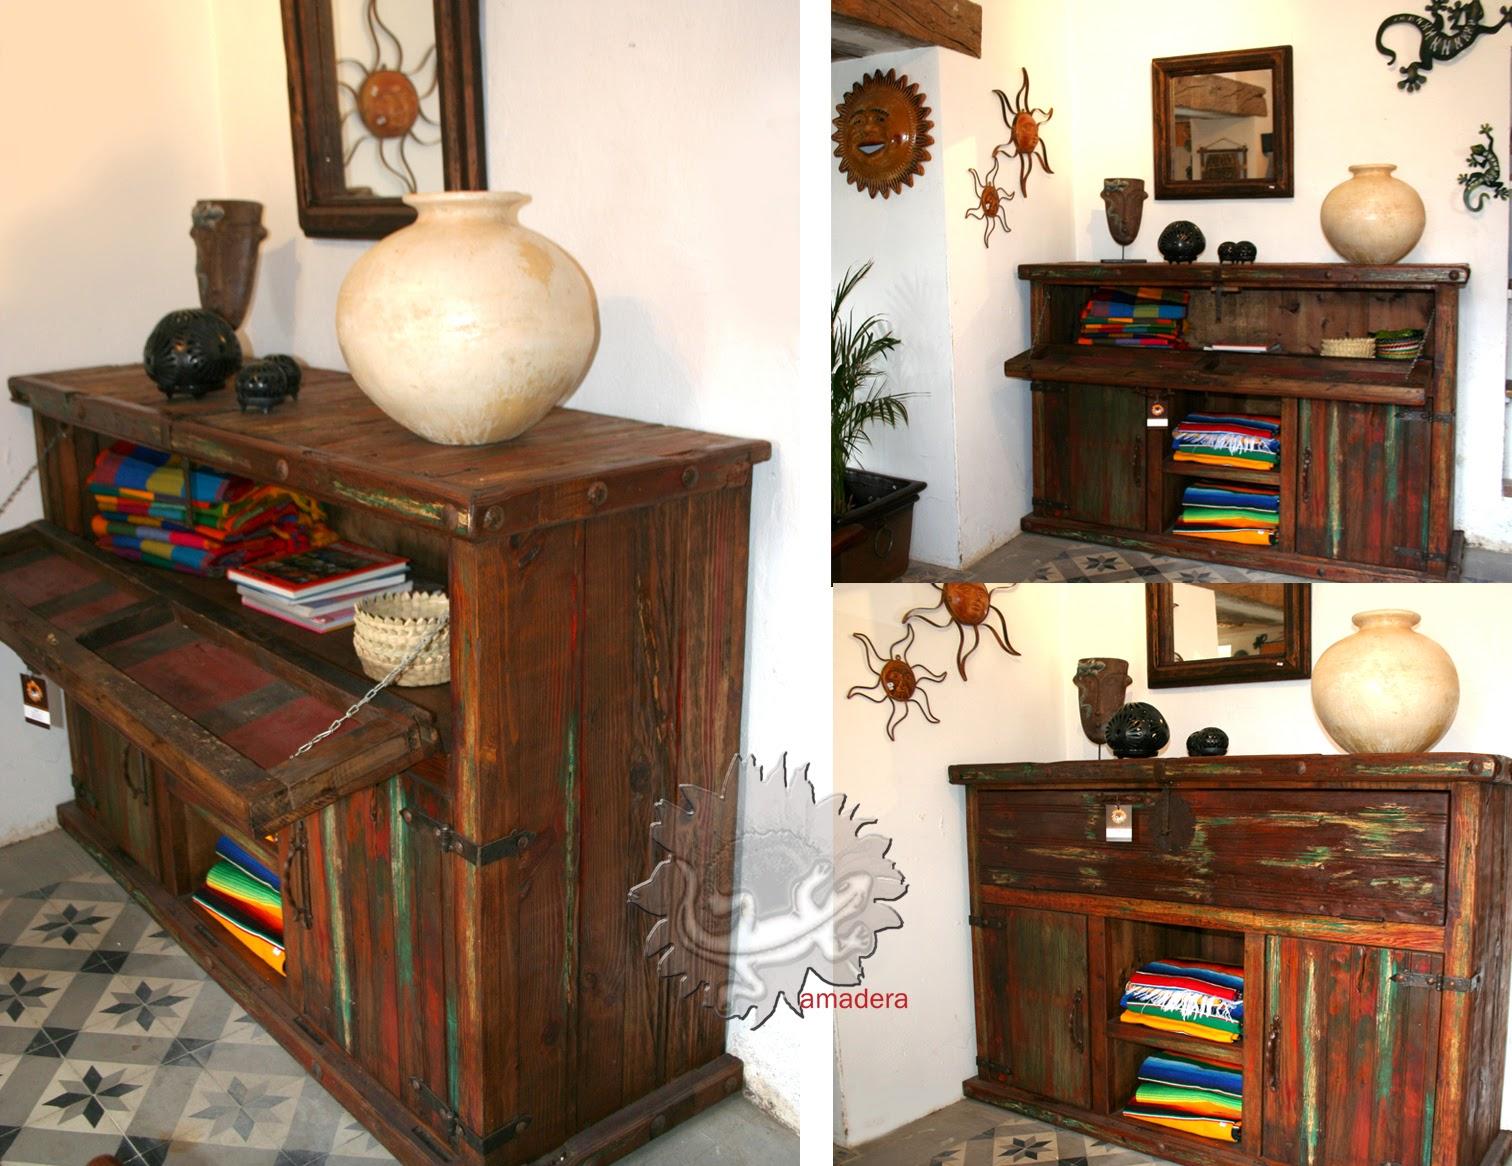 amadera meuble et d coration le charme thique du mexique authentique avril 2014. Black Bedroom Furniture Sets. Home Design Ideas